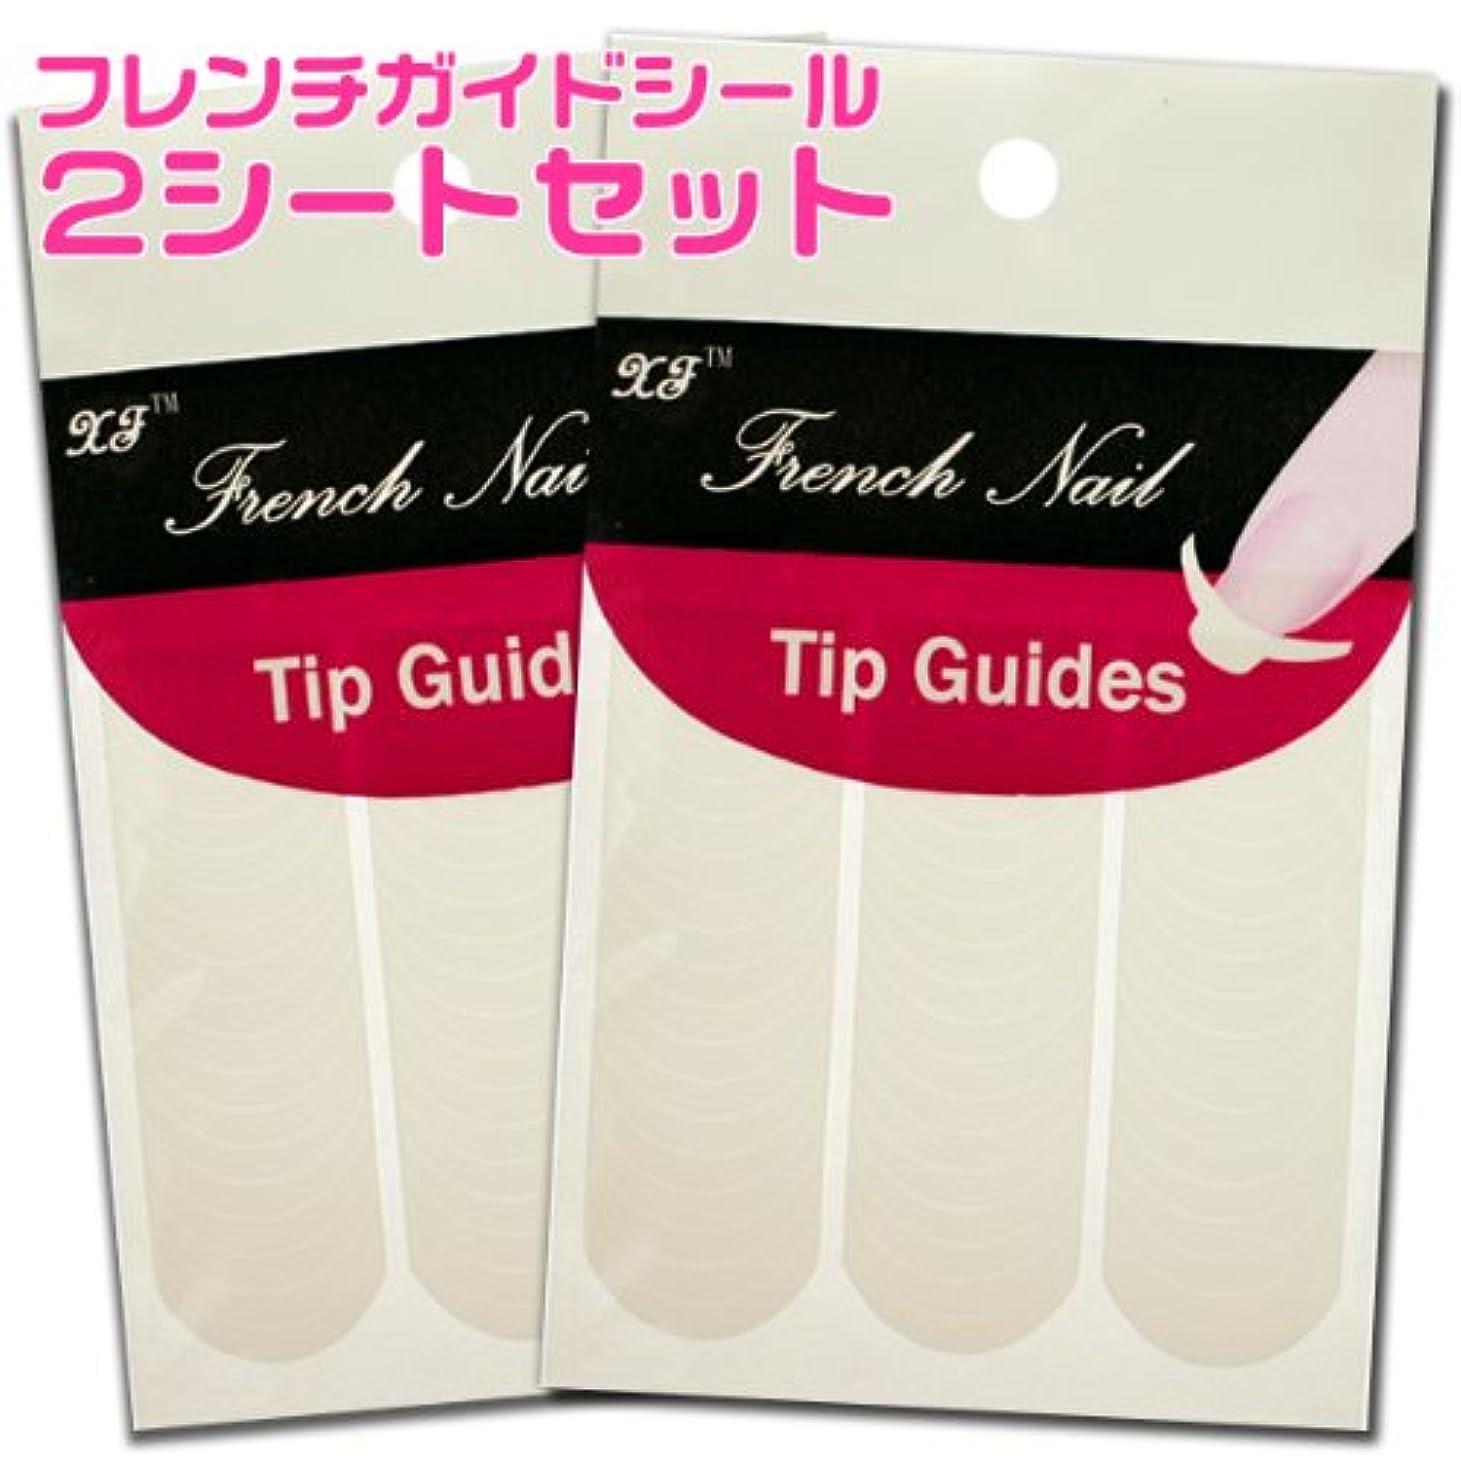 組立タックルドラフトネイルシール フレンチガイドシール2枚セット フレンチテープフレンチガイドテープ